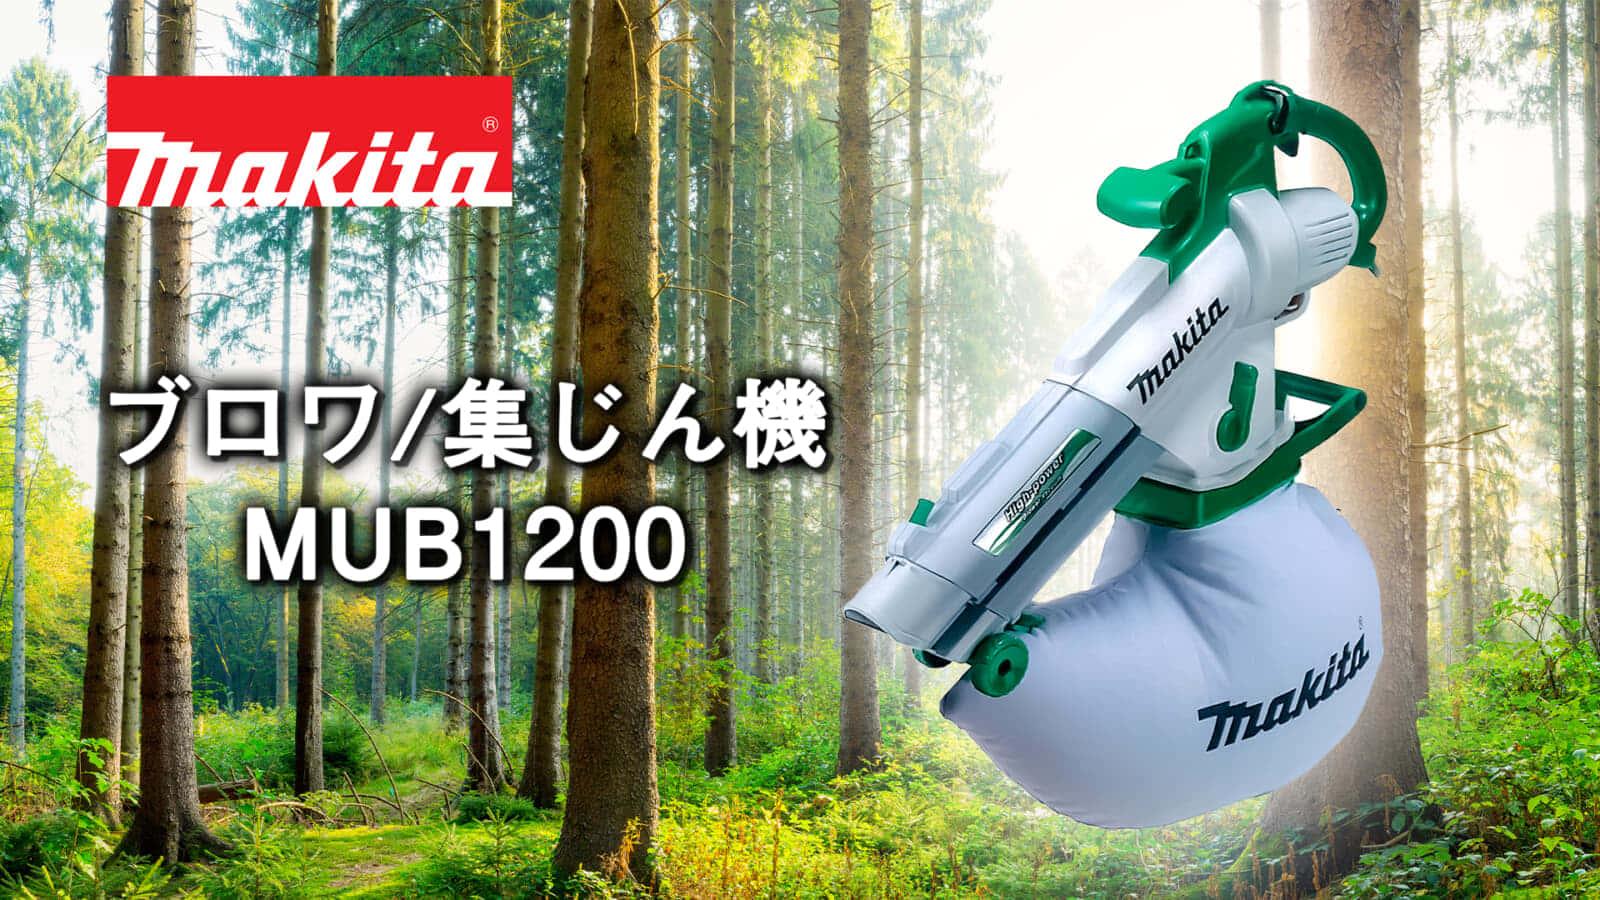 マキタ MUB1200 園芸ブロワ/集じん機、1台2役の低価格モデル